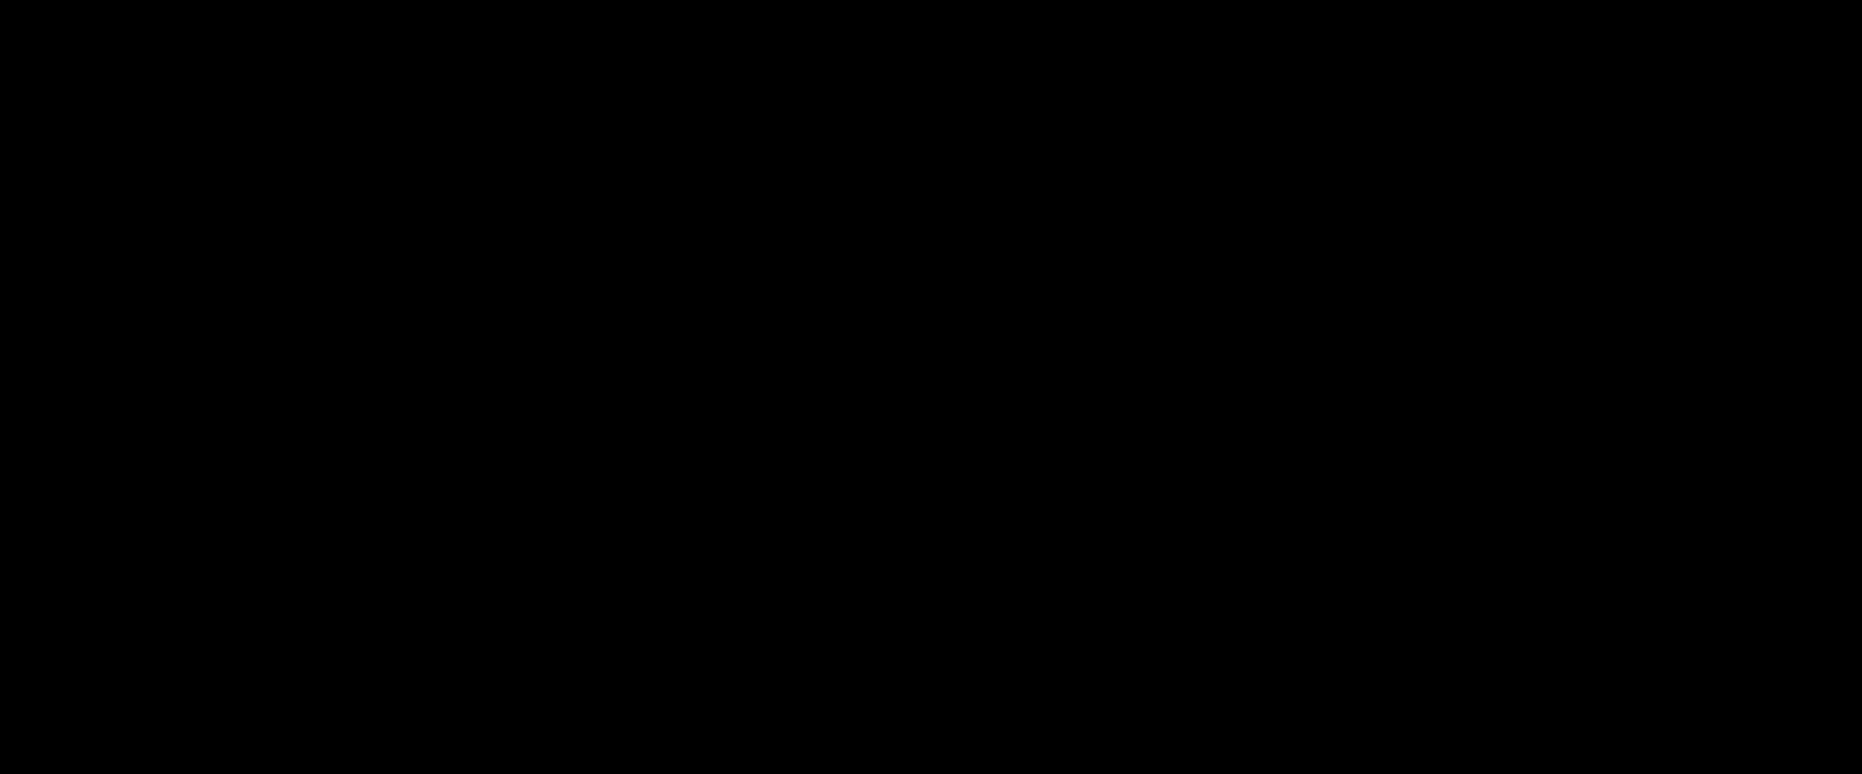 5-Bromo-4-chloro-3-indolyl octanoate